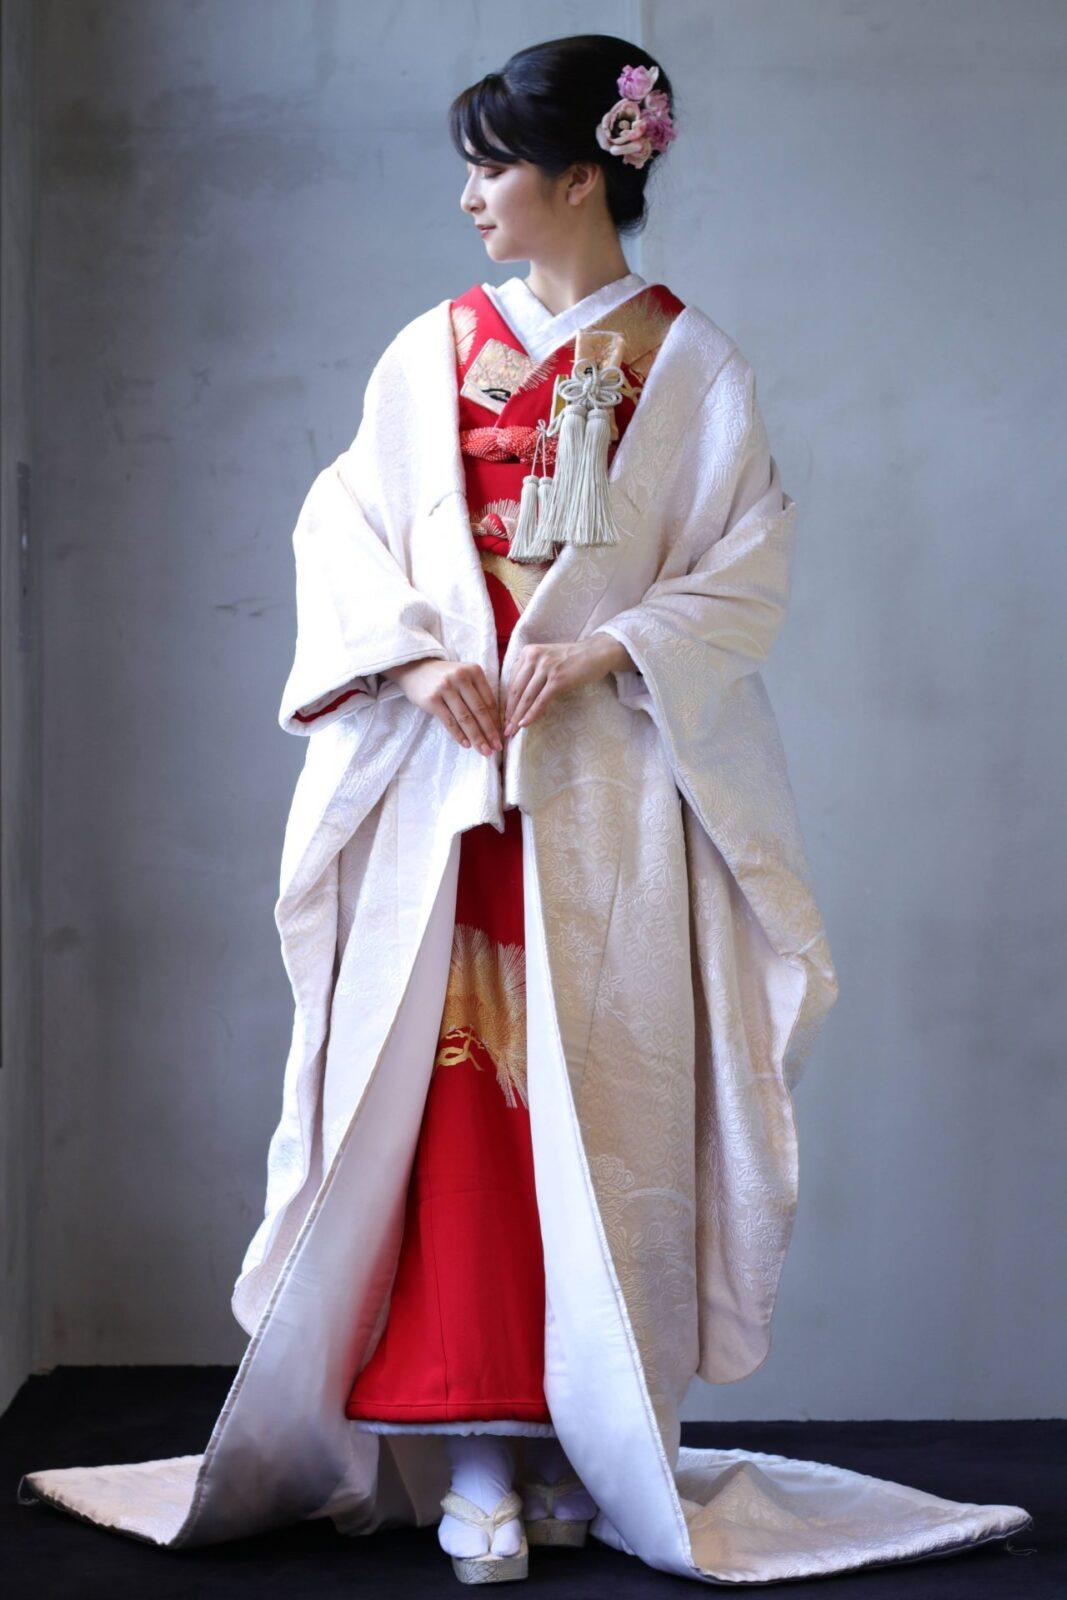 白無垢に赤の掛下を合わせると古典的ながらも他の花嫁と被らないモダンさのあるコーディネートが完成します。